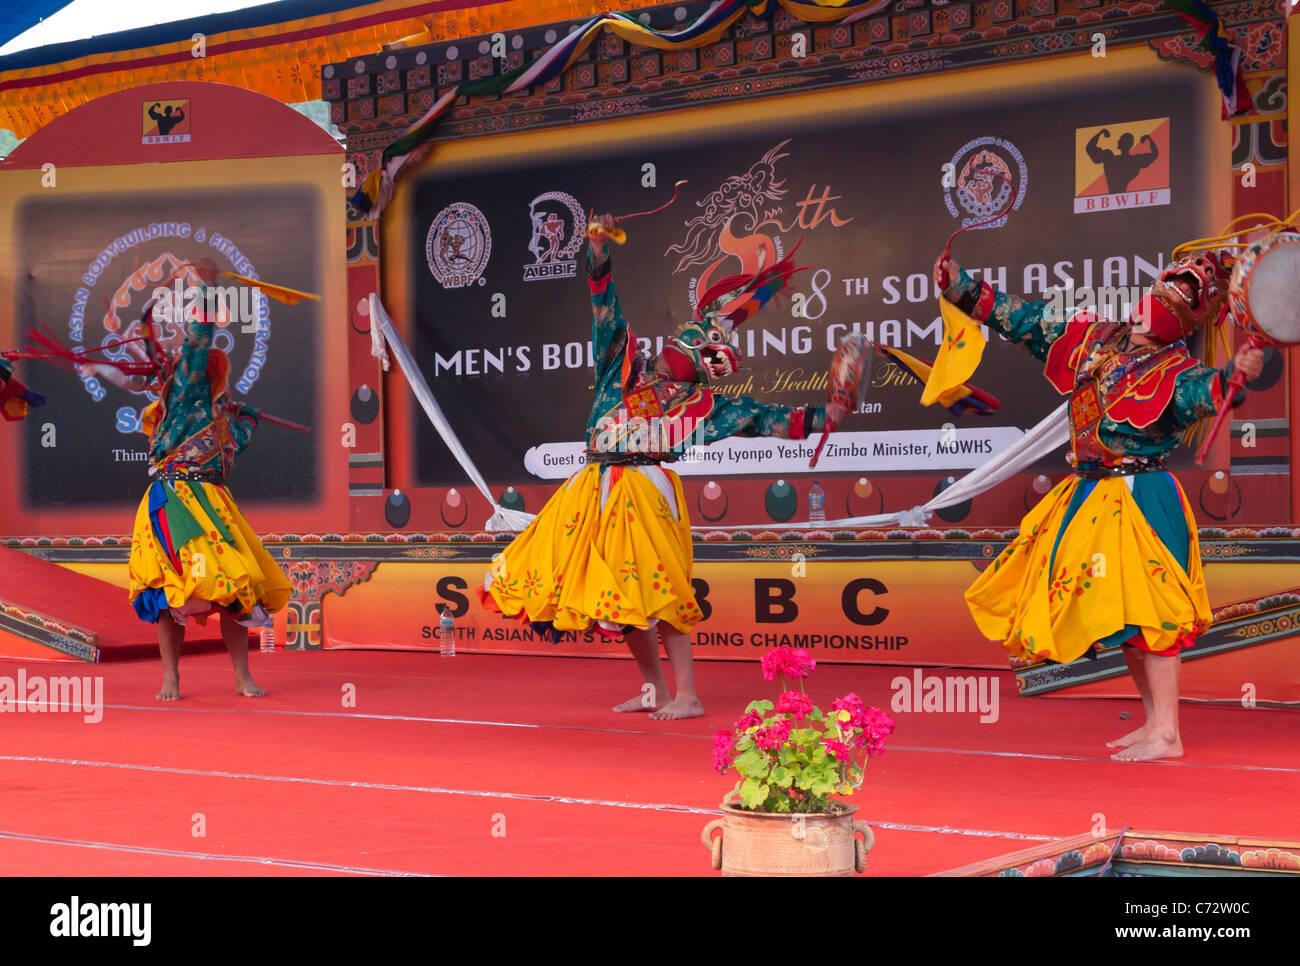 8Body building champshionship del sur de Asia. Thimpu. Bhután Imagen De Stock